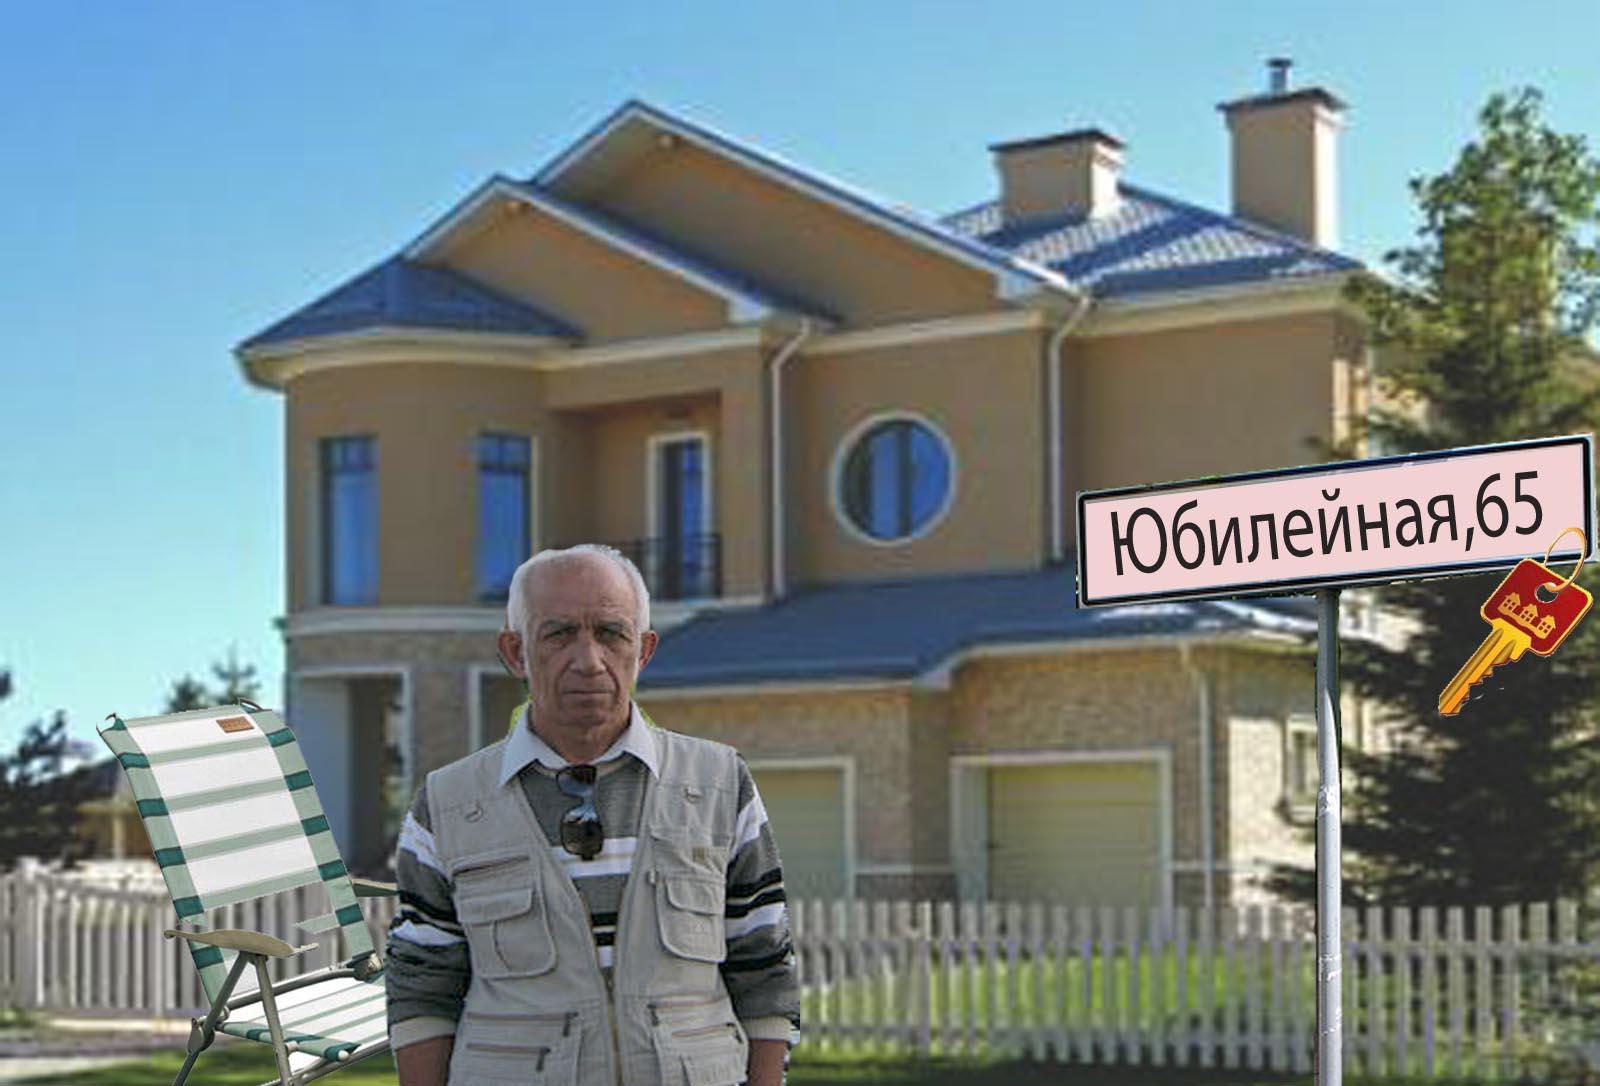 Друзья! 17сентября 2012 года в г.Калининград по ул.Юбилейная 65 отпраздновал юбилей в новом котедже ЛИТАСОВ ВИКТОР!!!!!!!!!!!! ПОЗДРАВЛЯЕМ! ДОЛГИХ СЧАСТЛИВЫХ ЛЕТ ЖИЗНИ!!!!!!!!